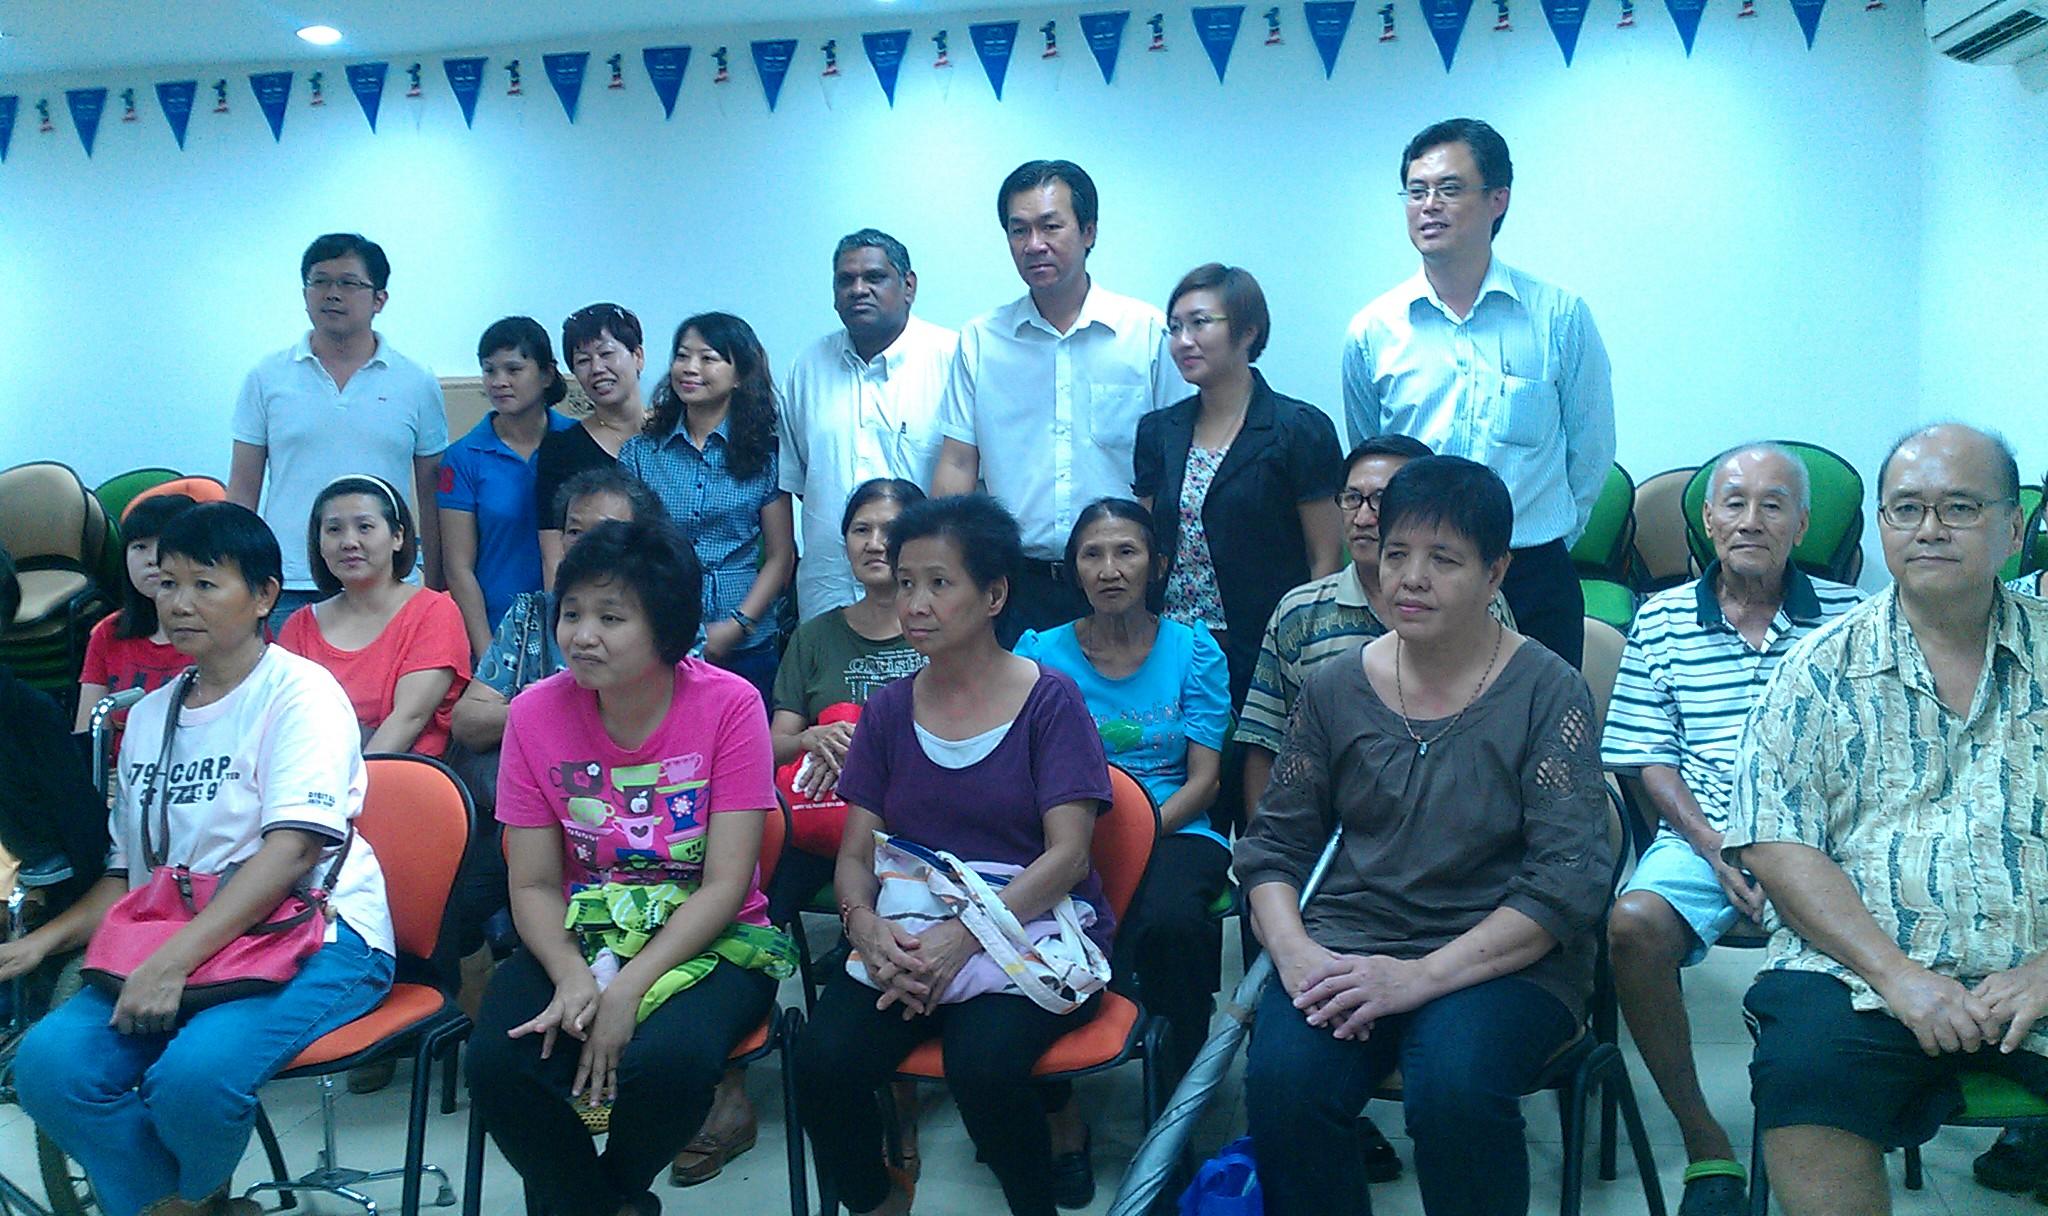 人联年轻领袖包括人联青总团长陈开及妇女组主席郑丽萍积极帮助需要帮助人,把欢乐带给他们。